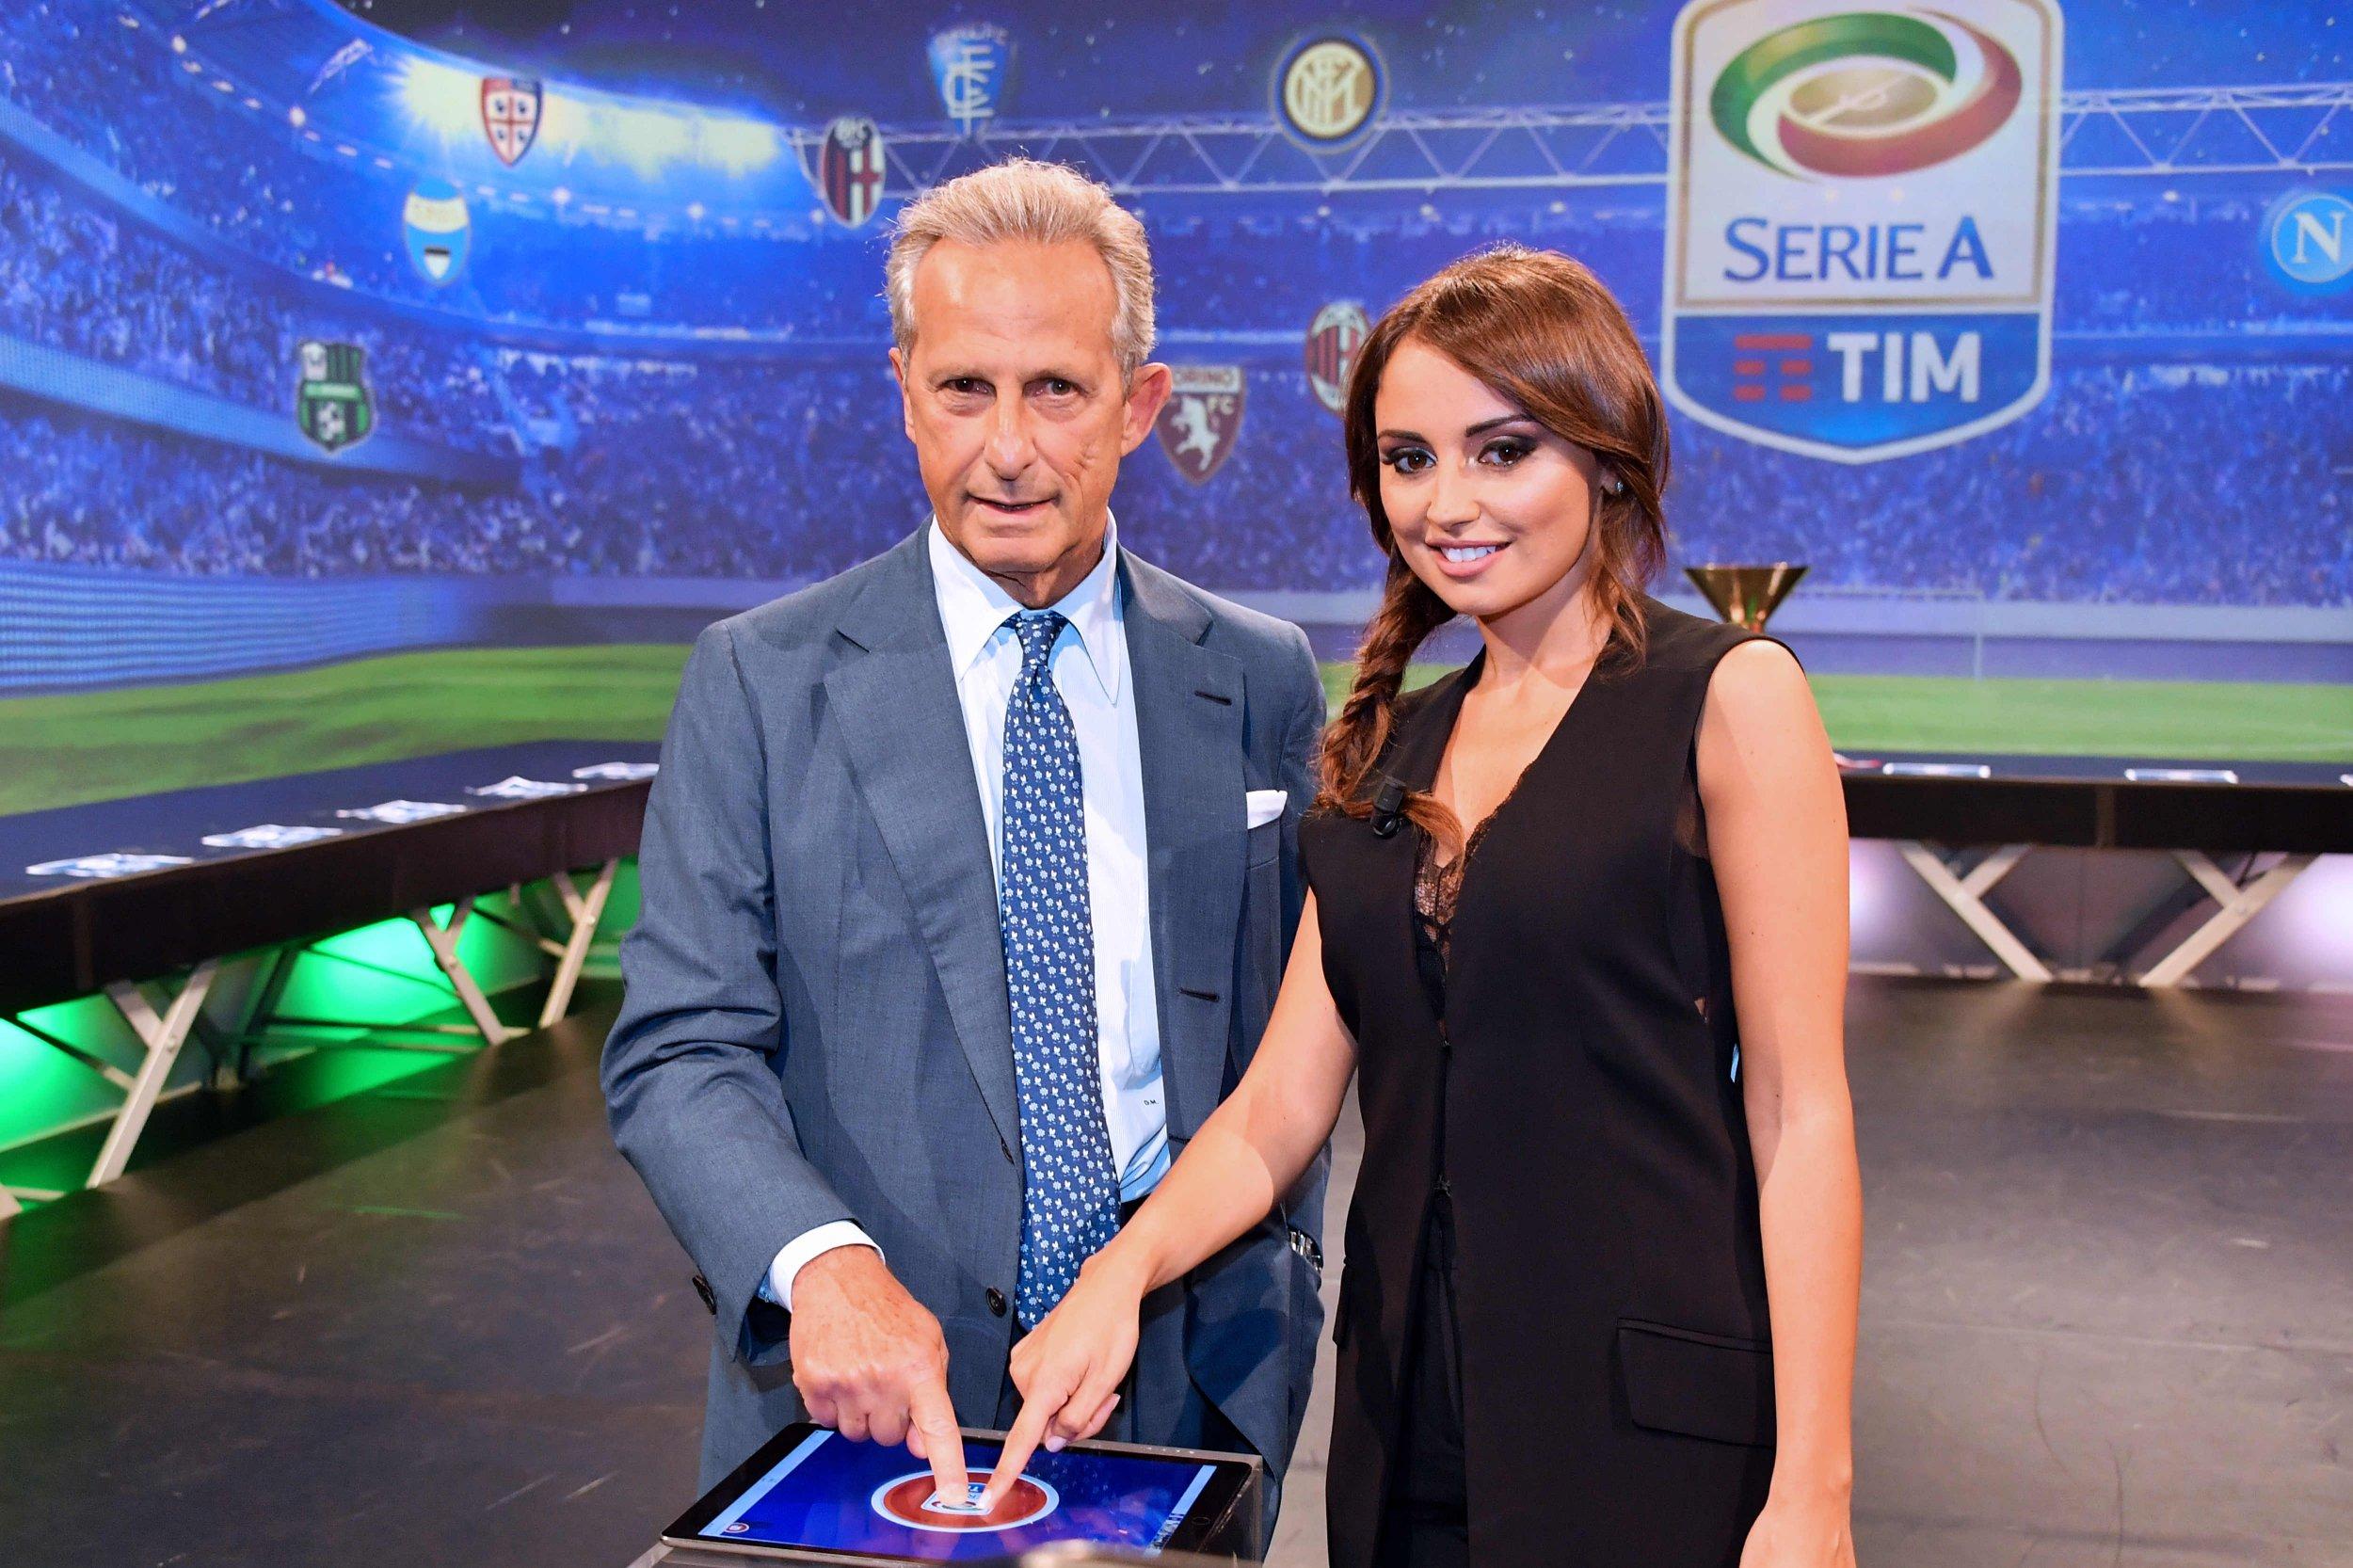 Serie A Tim Calendario.Calendario Serie A 2019 2020 In Diretta Su Sky Sport